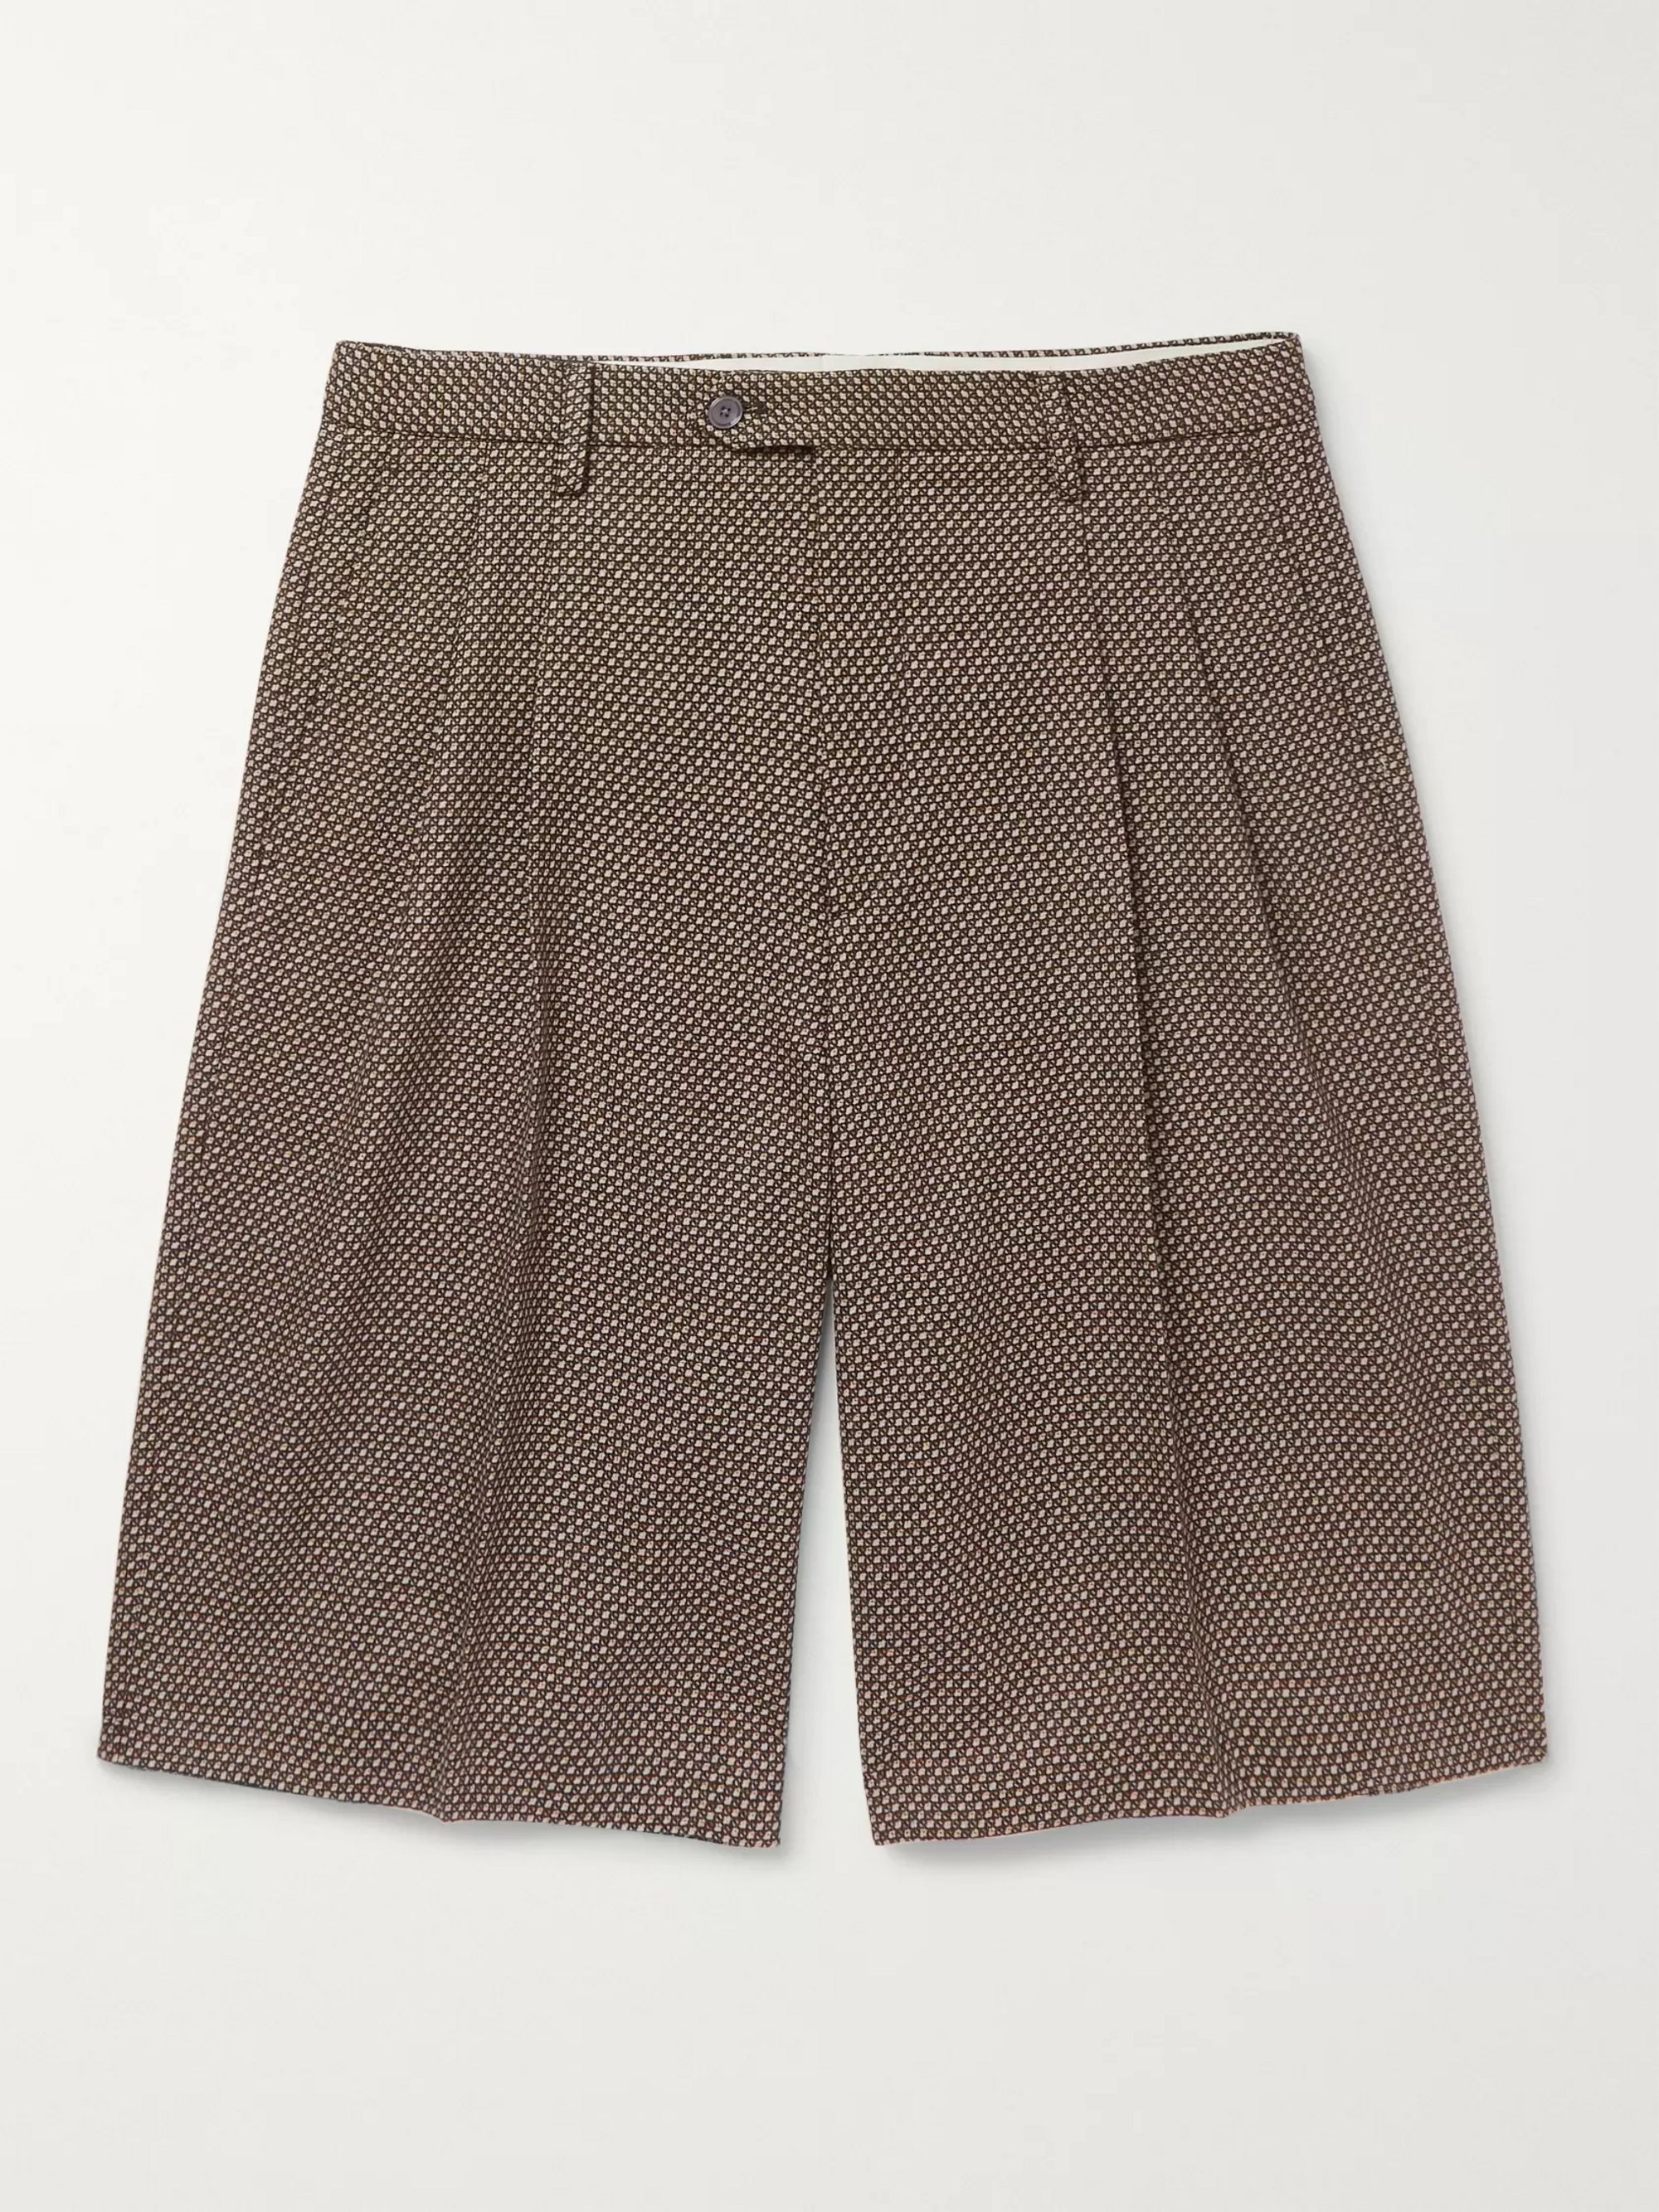 구찌 Gucci Wide-Leg Pleated Birdseye Wool Shorts,Brown